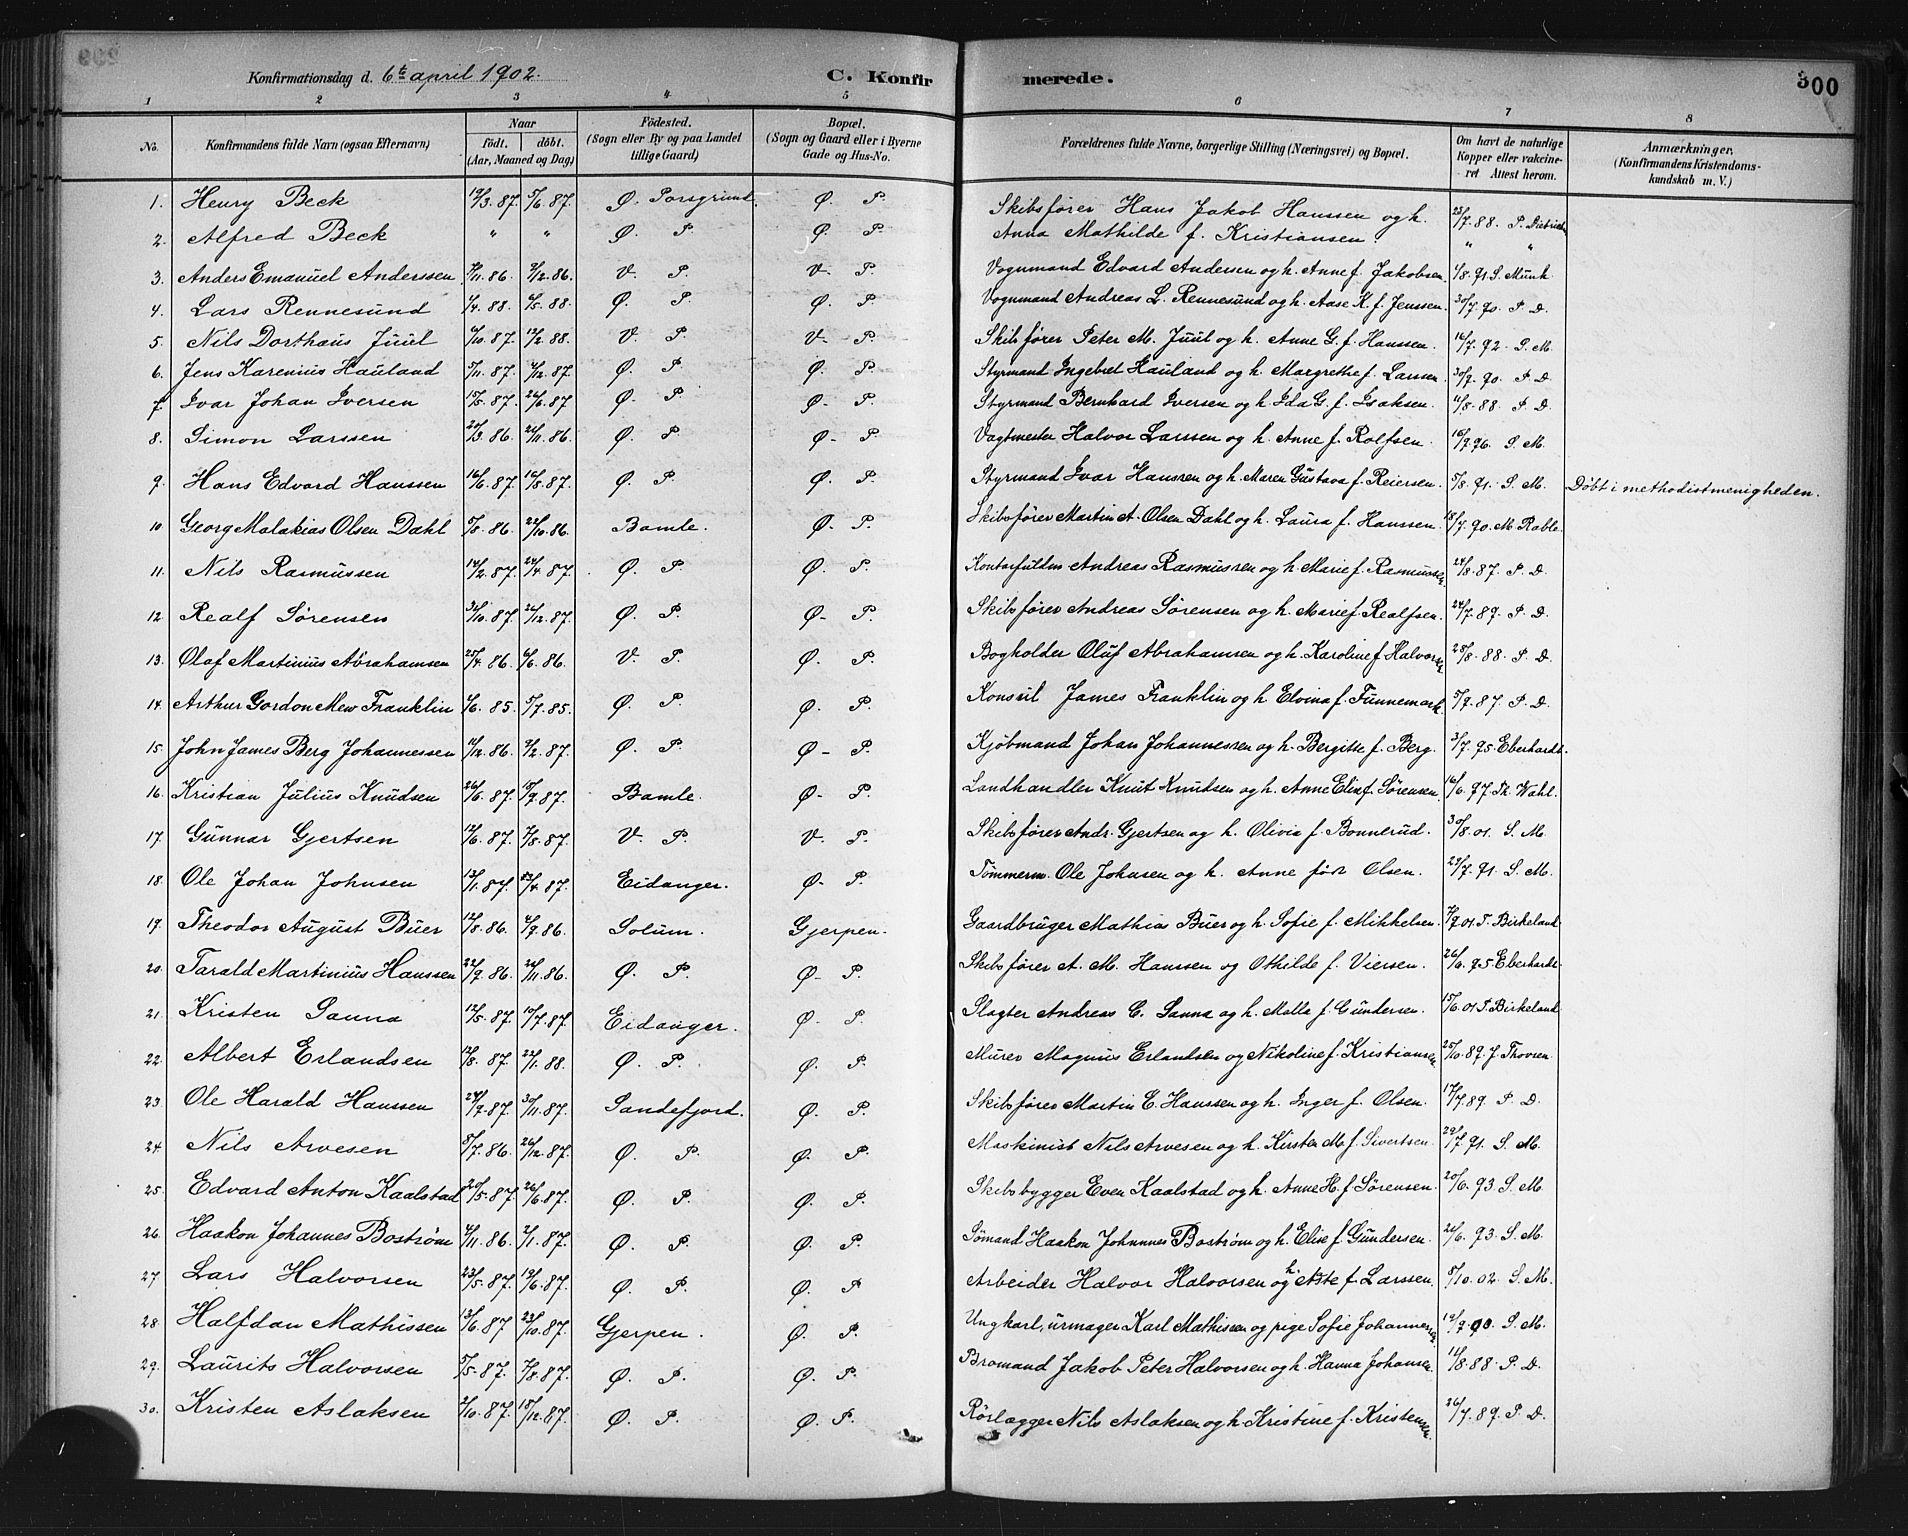 SAKO, Porsgrunn kirkebøker , G/Gb/L0005: Klokkerbok nr. II 5, 1883-1915, s. 300